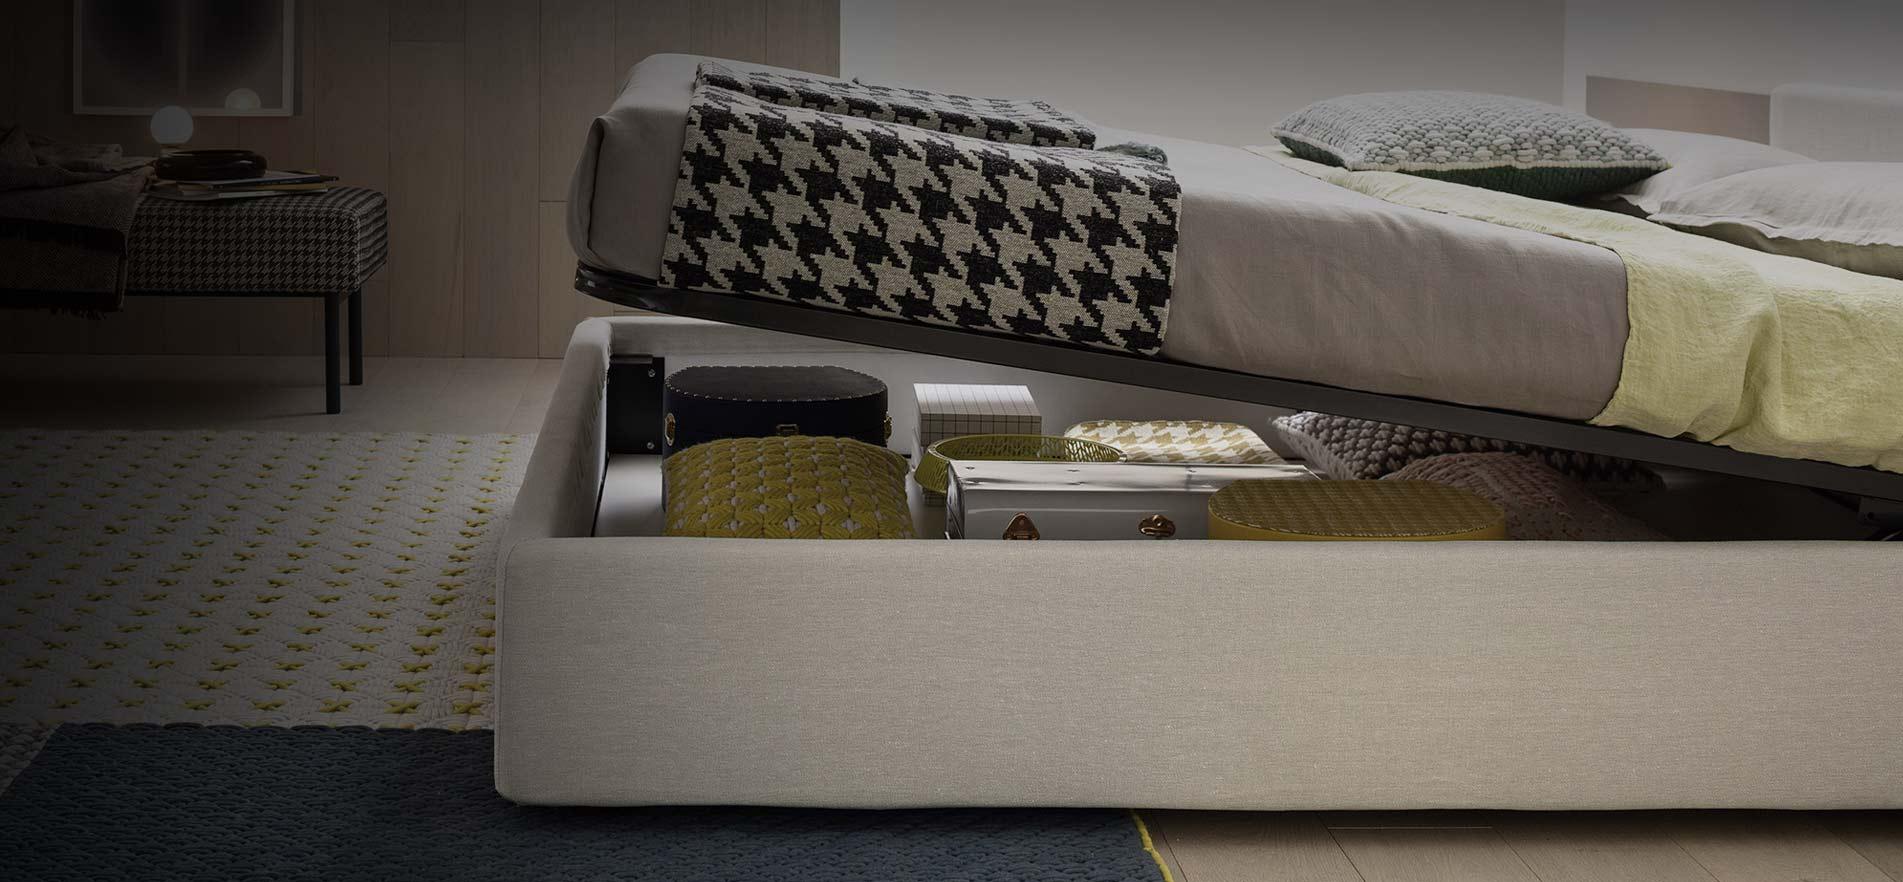 Full Size of Betten Mit Bettkasten Bett 140x200 Holz Und Motor Ohne Kopfteil Ikea 160x200 200x200 Design Küche Elektrogeräten Günstig Trends Massiv Schlafzimmer Set Bett Betten Mit Bettkasten